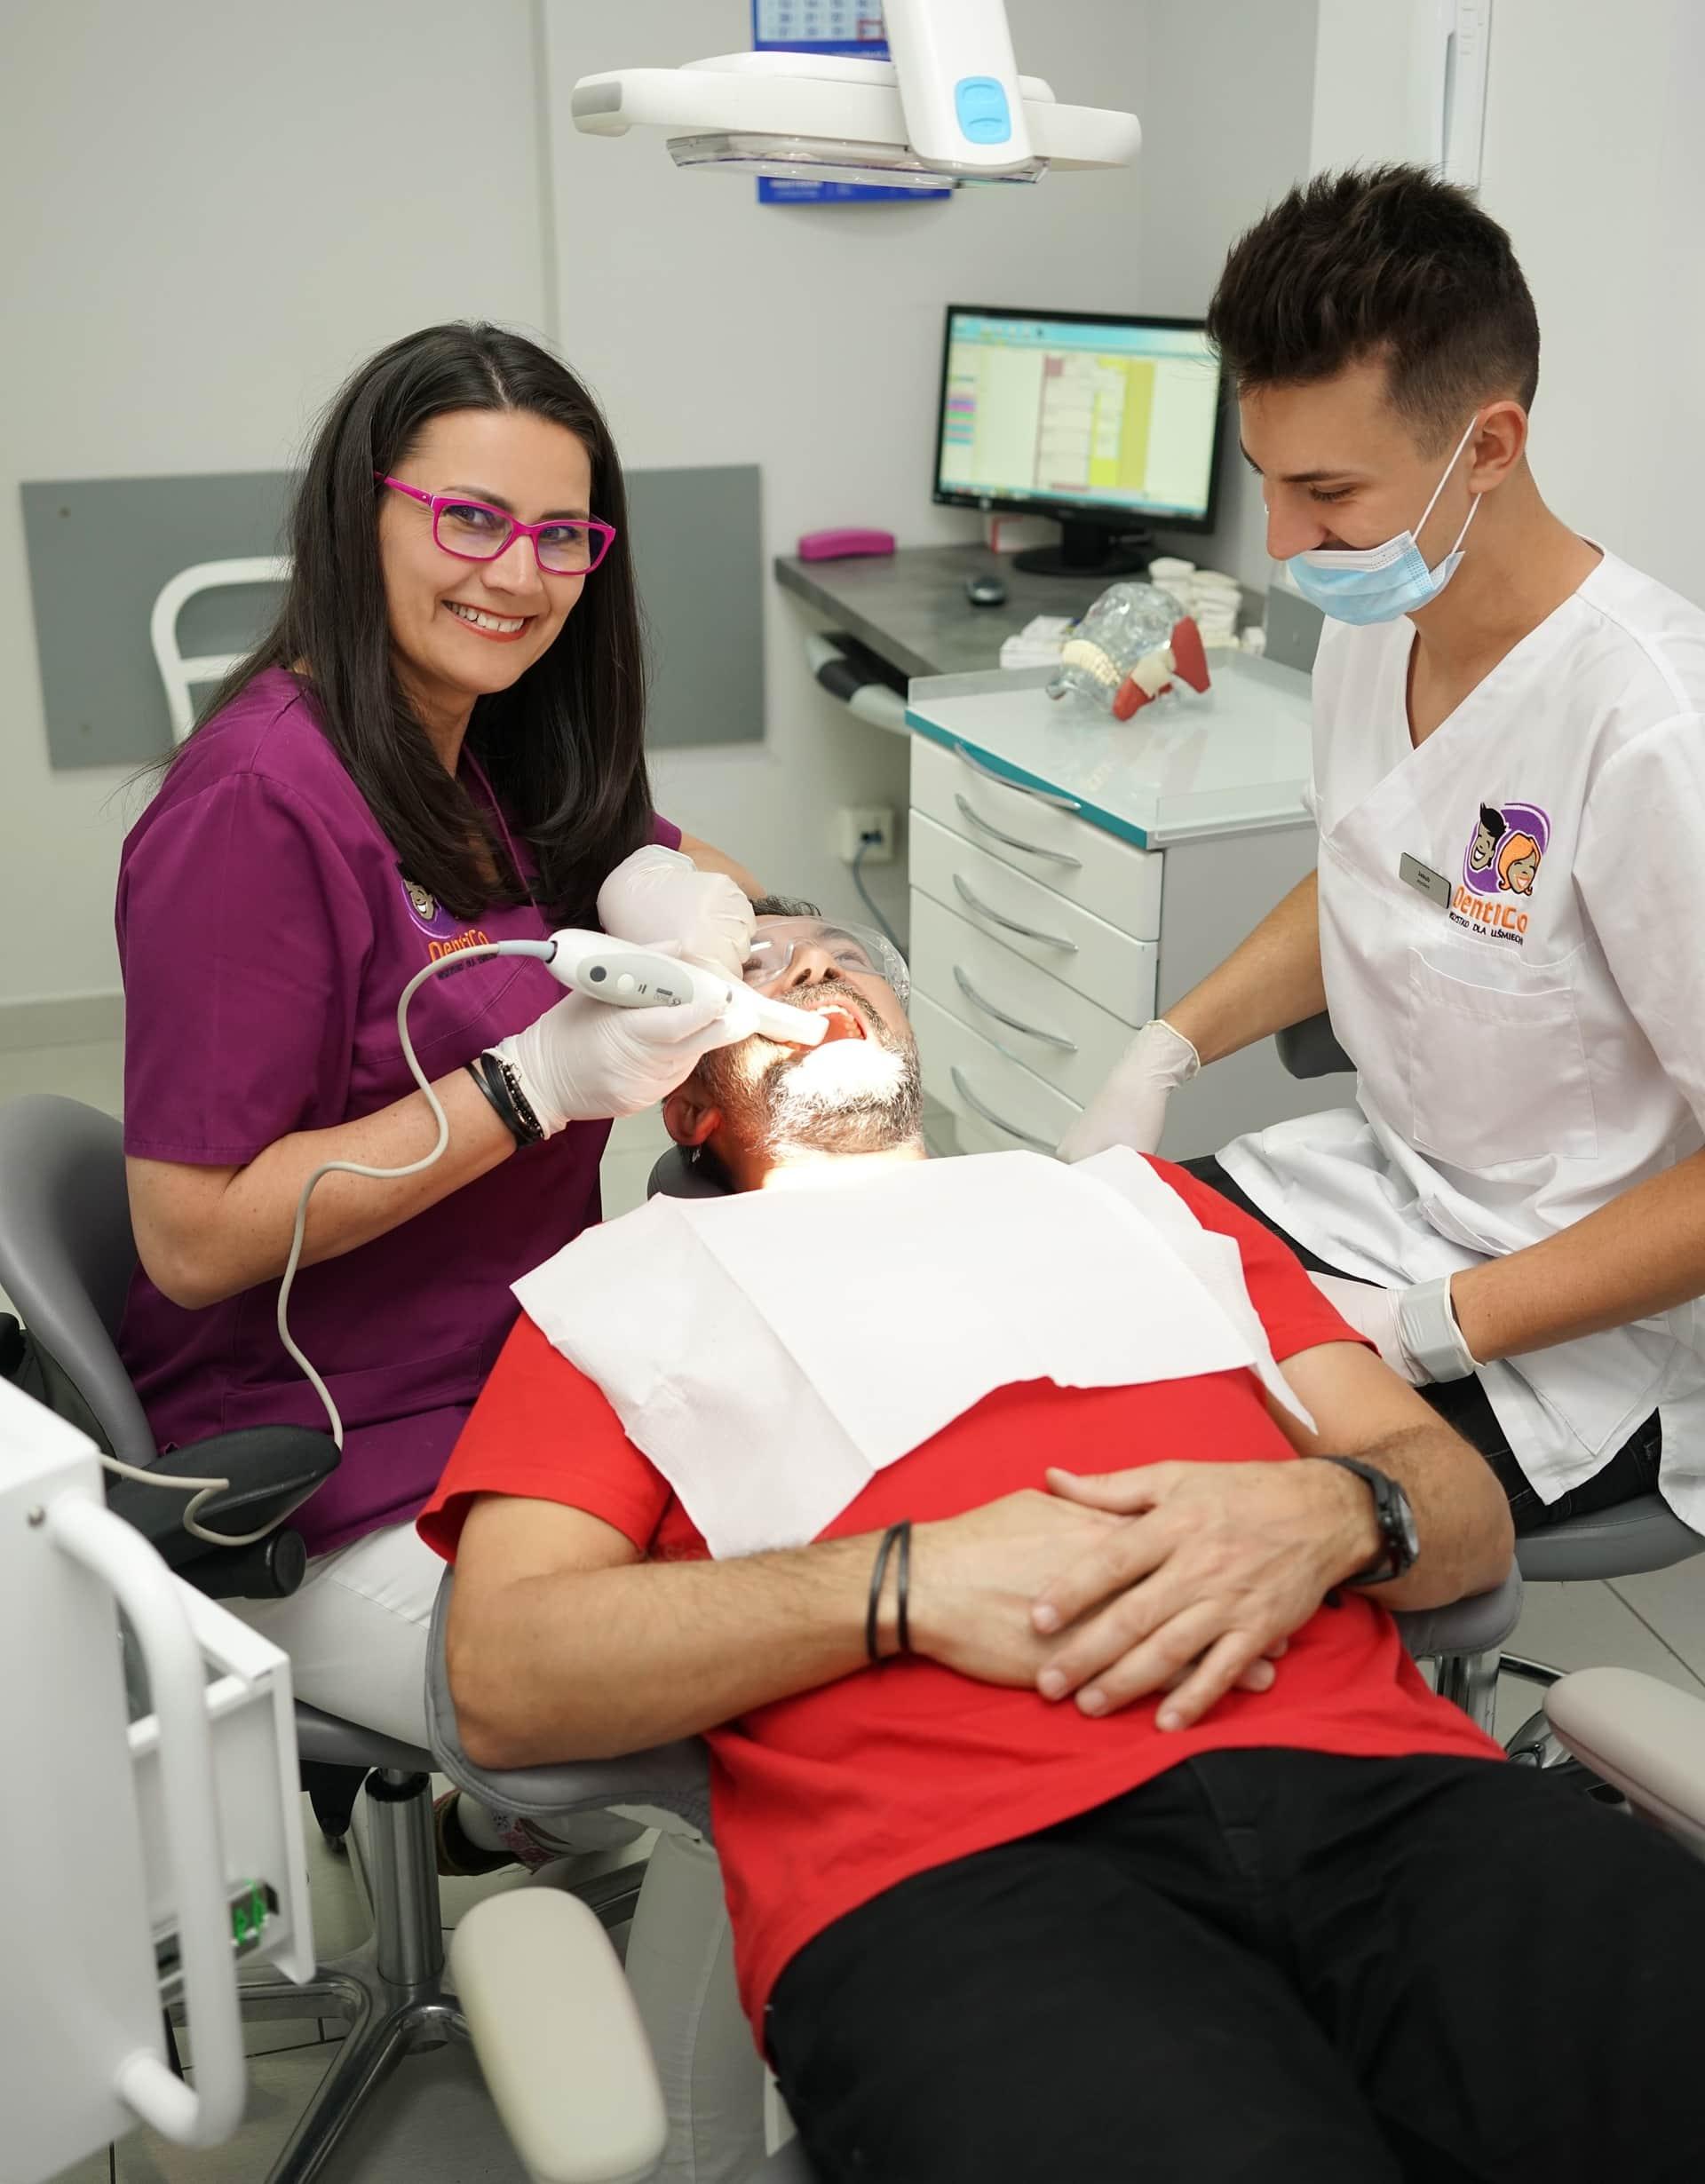 Korony i mosty zębowe <span>Gdańsk</span> Skaner wewnątrzustnt Dentico Diagnostyka zębów gotdsc01953 9